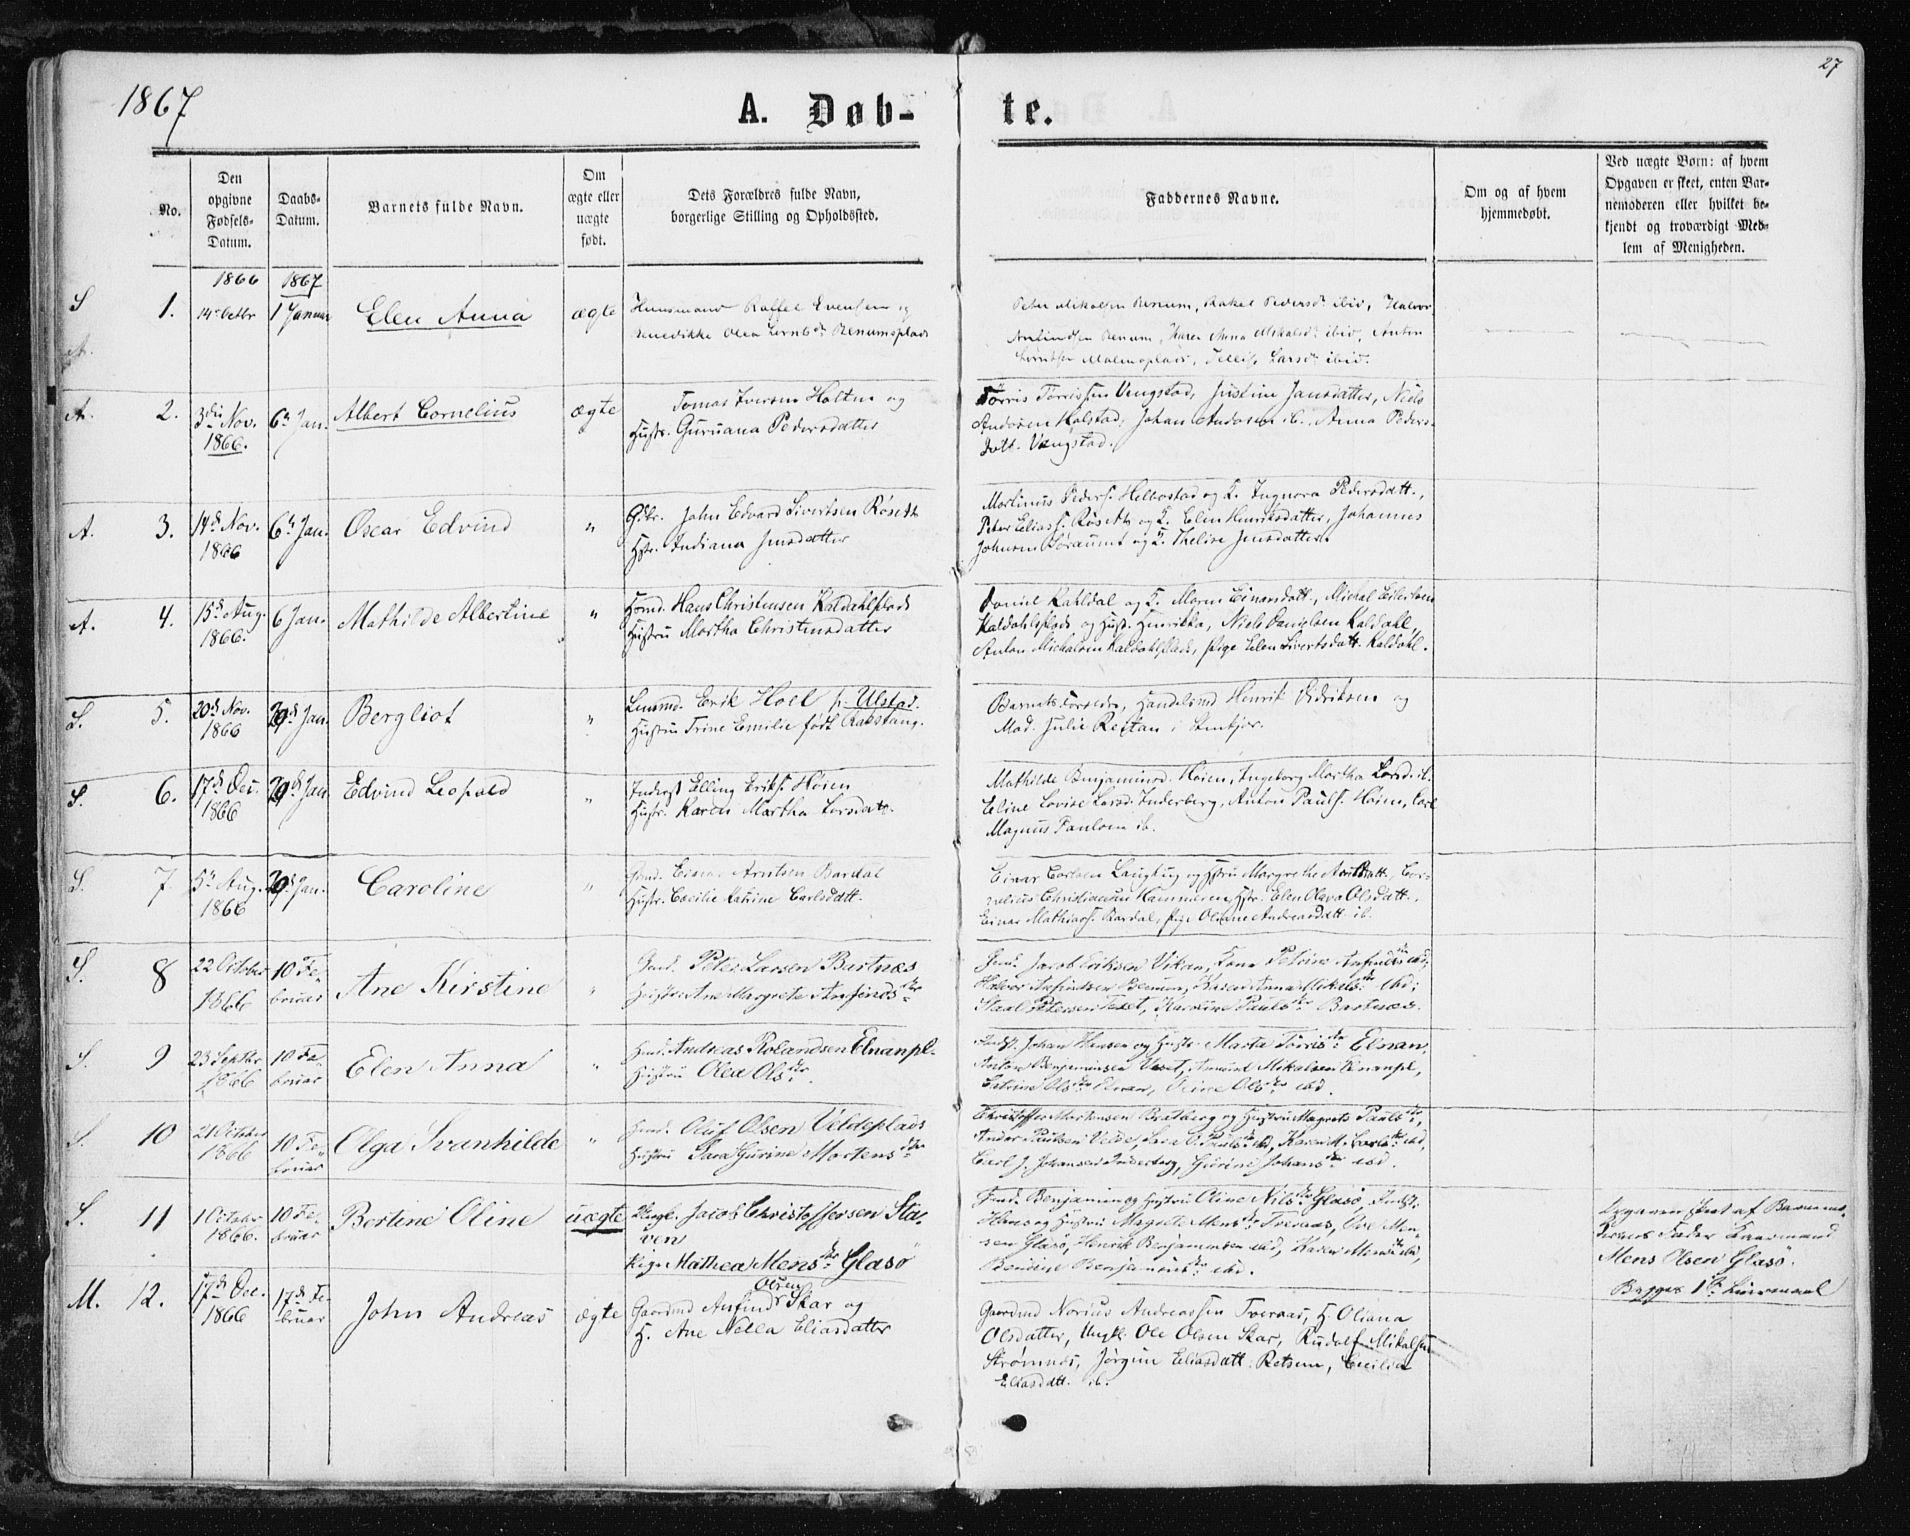 SAT, Ministerialprotokoller, klokkerbøker og fødselsregistre - Nord-Trøndelag, 741/L0394: Ministerialbok nr. 741A08, 1864-1877, s. 27